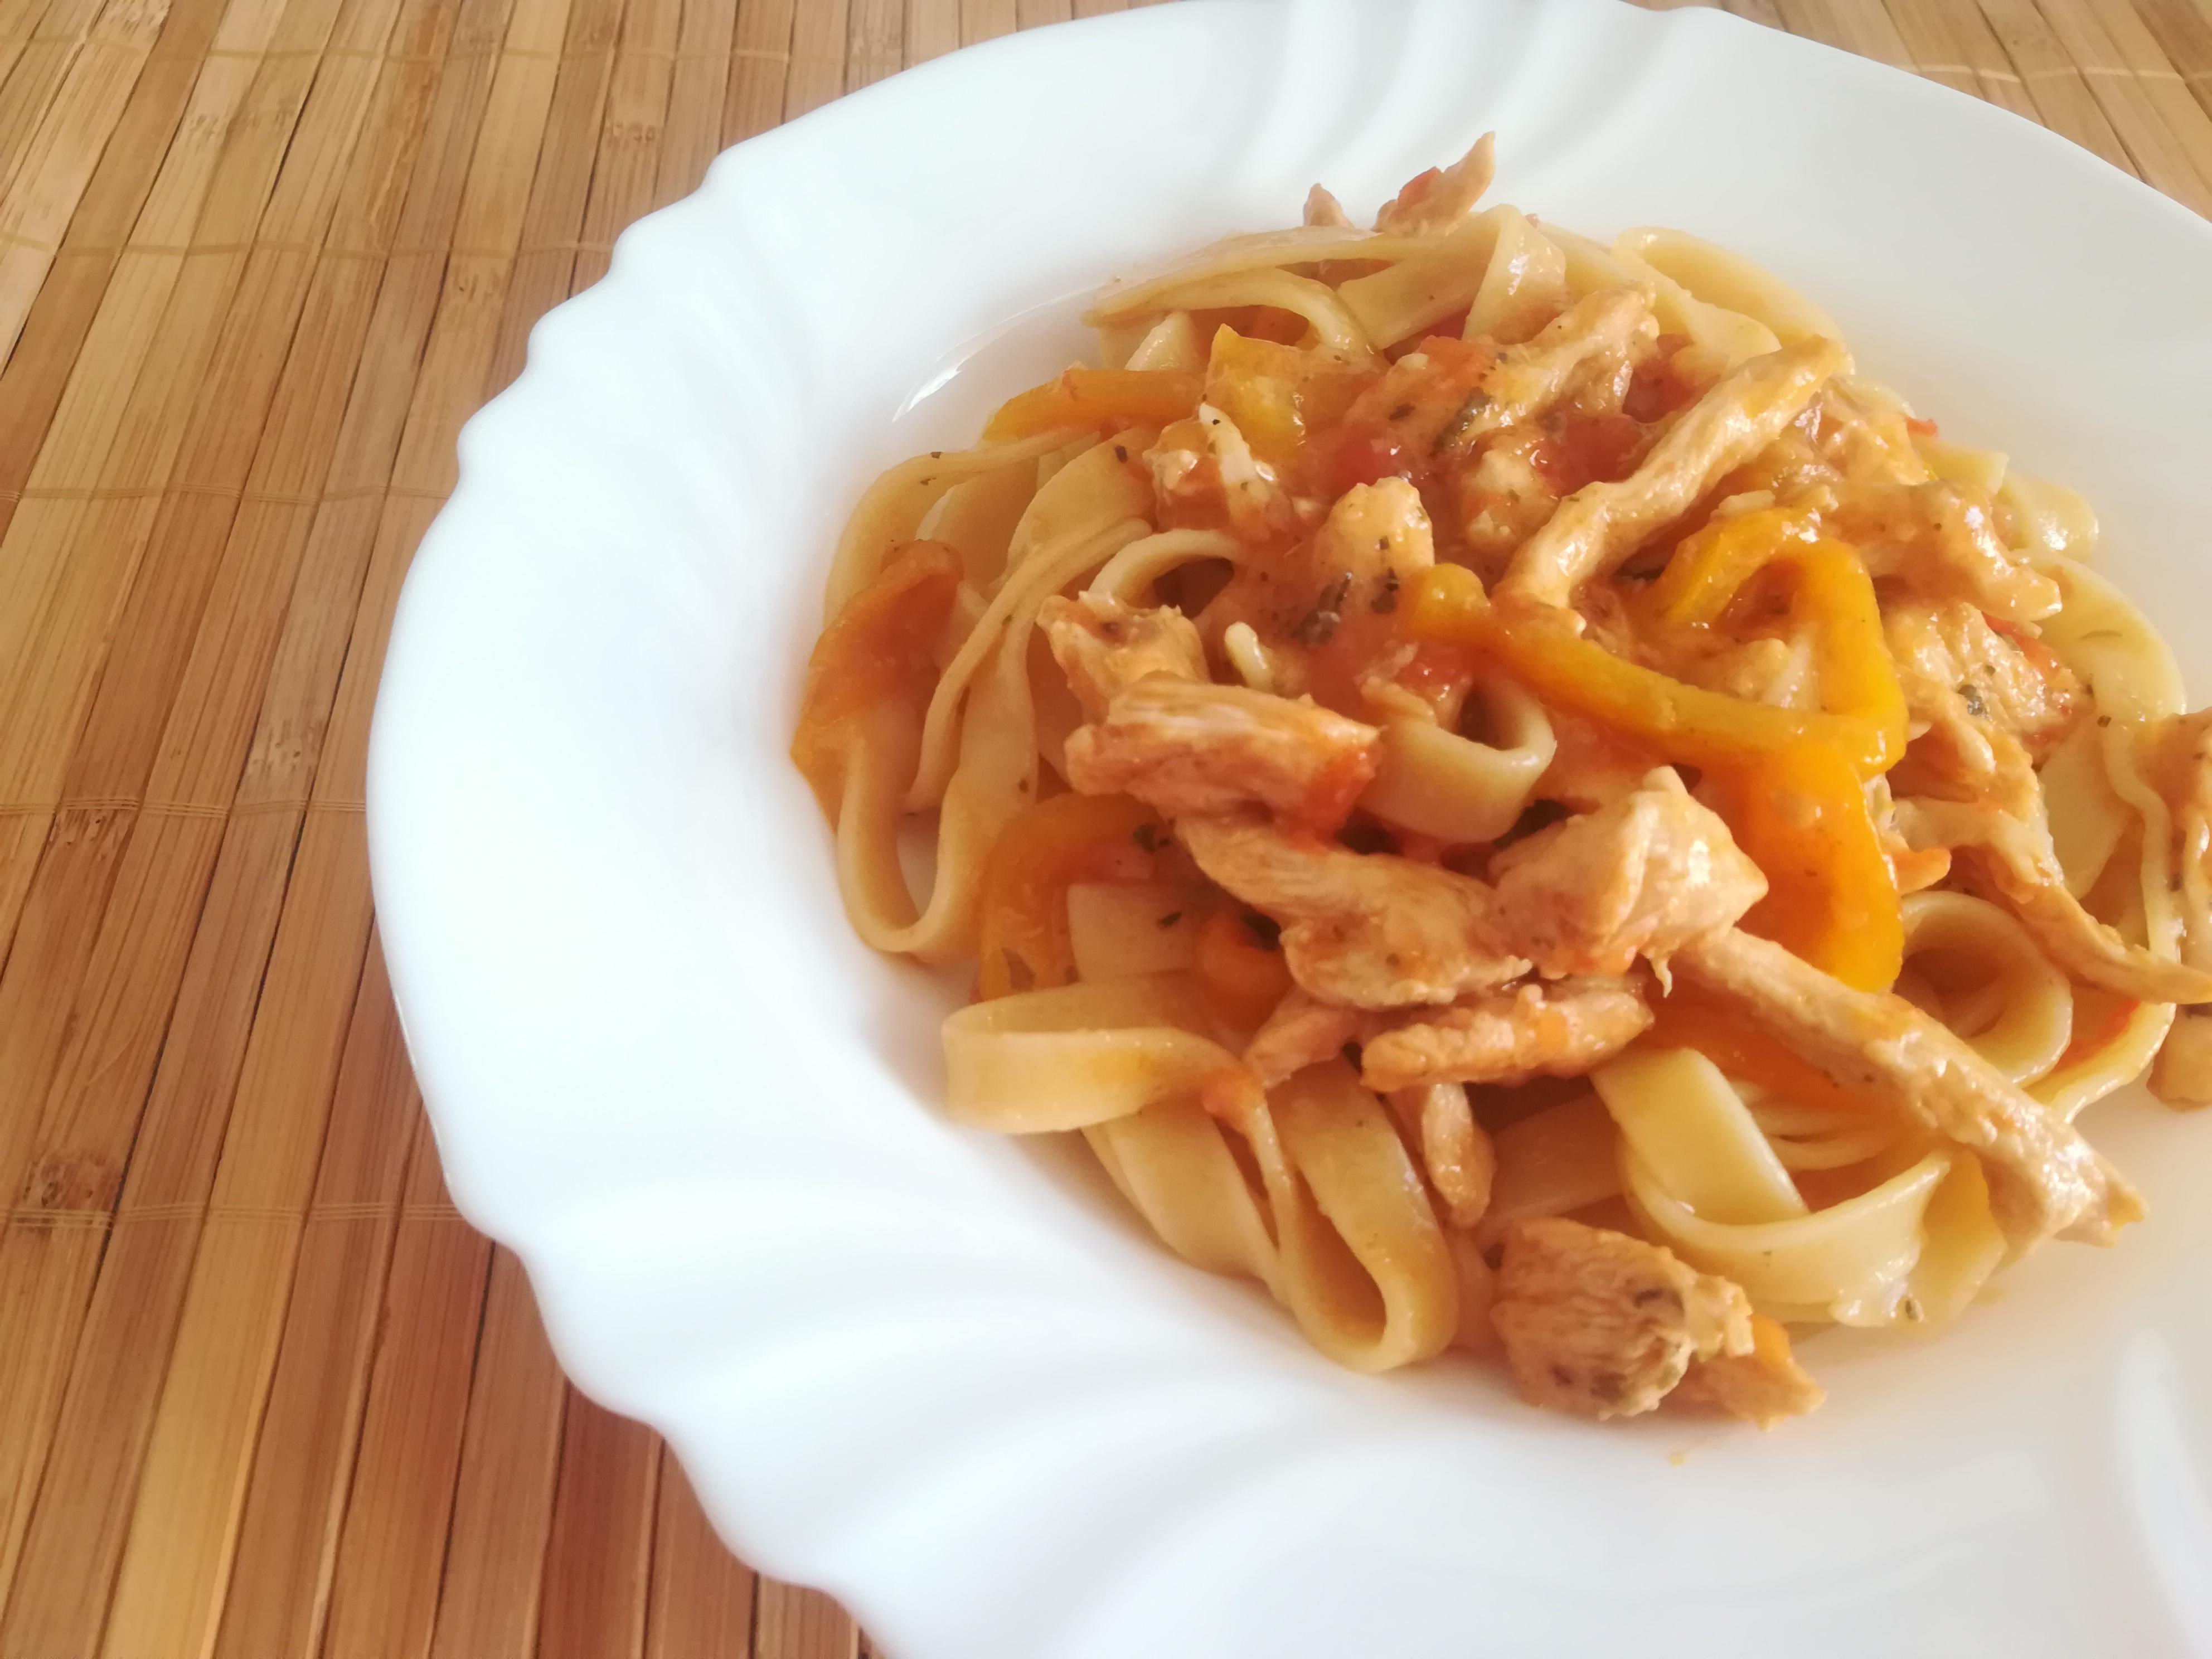 Fettuccine al pollo e peperoni